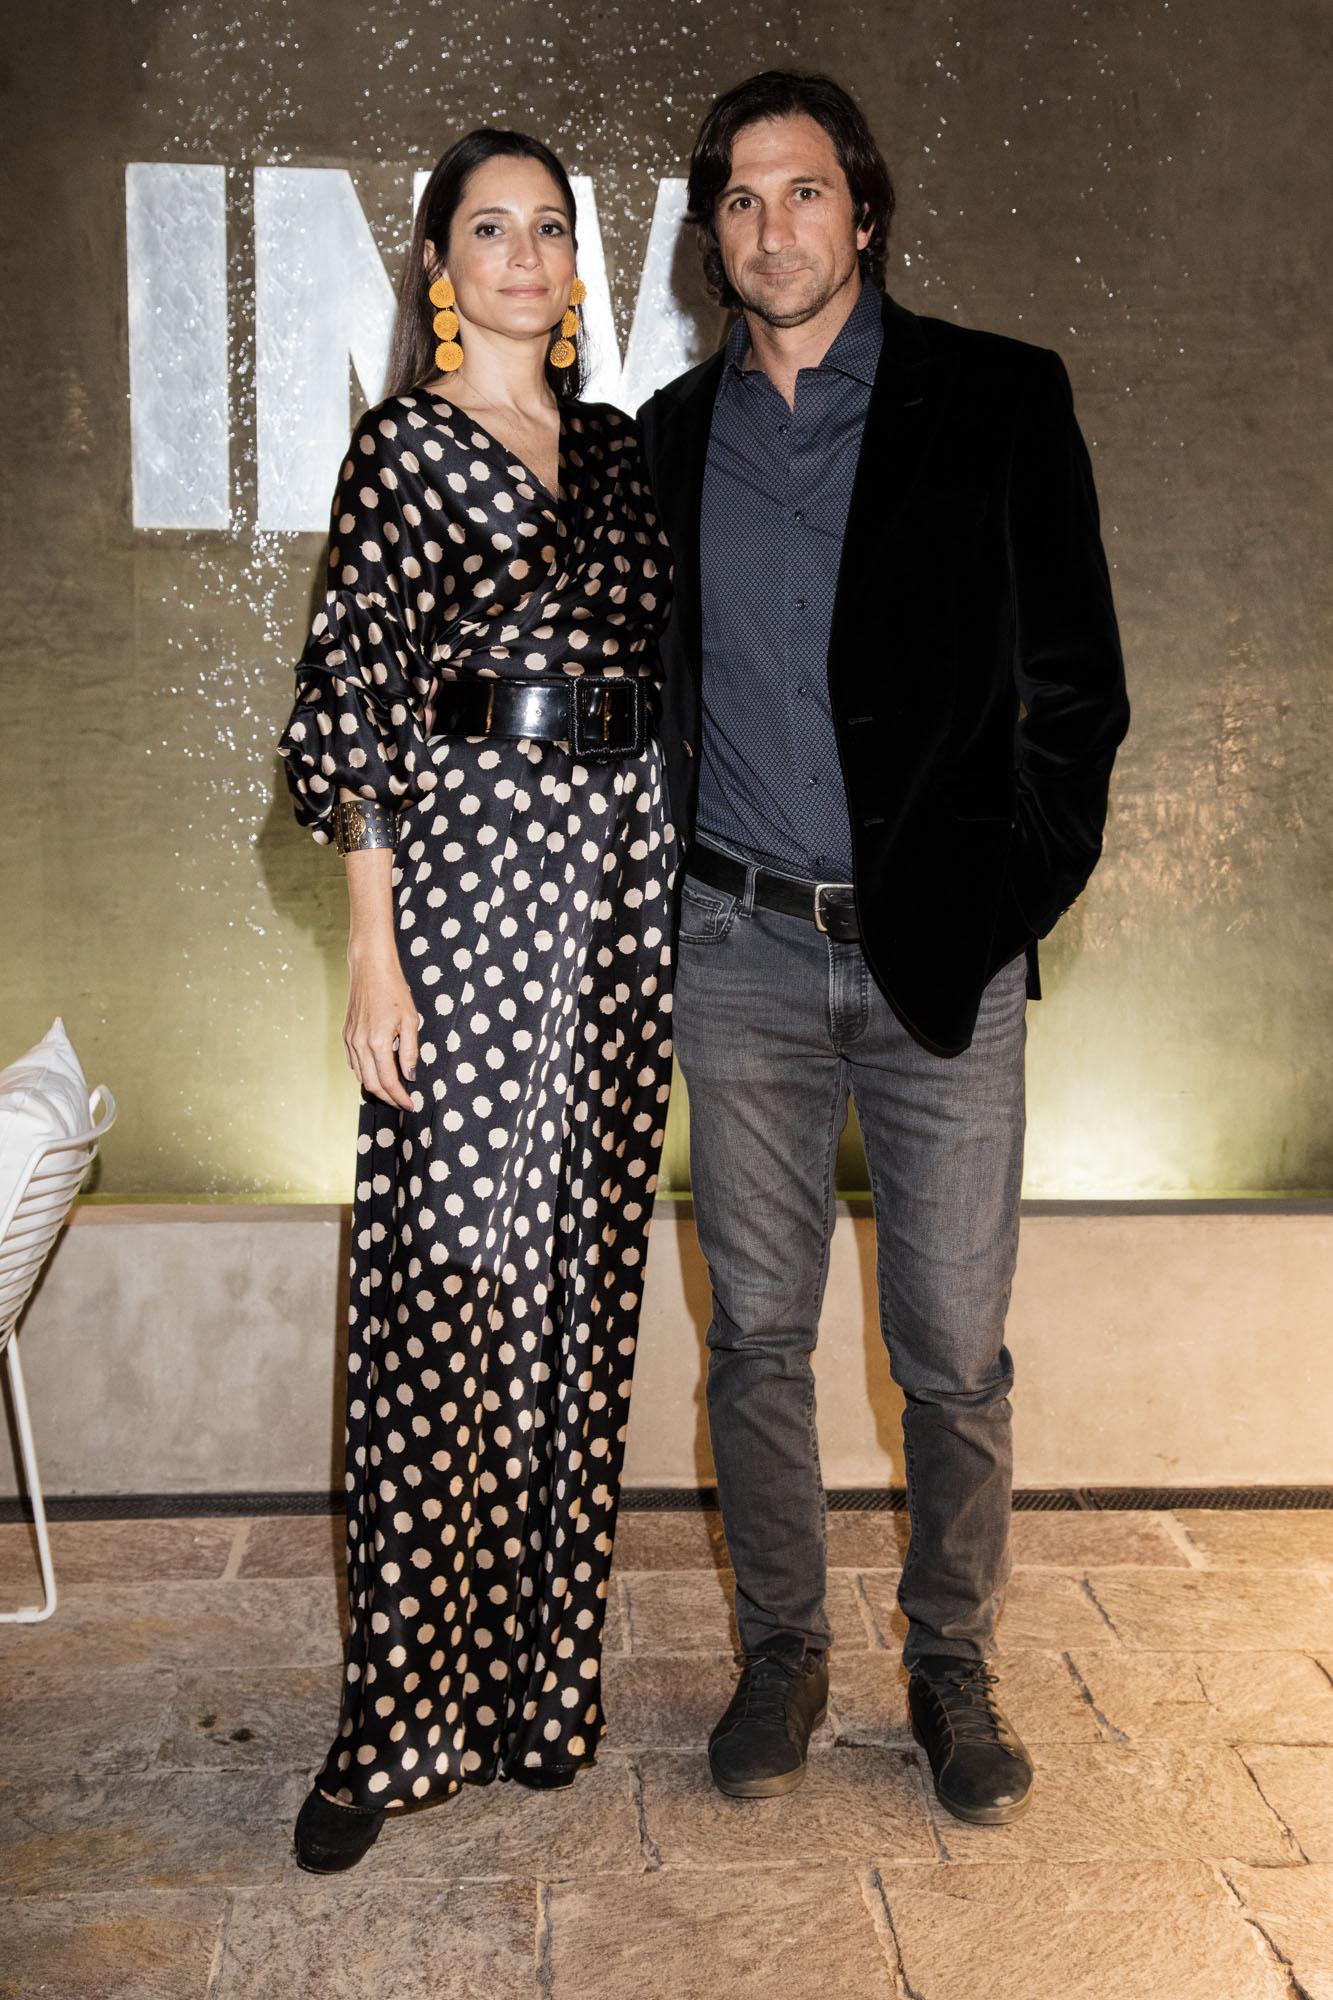 El presidente de la Asociación Argentina de Polo, Eduardo Novillo Astrada, y su mujer Astrid Muñoz